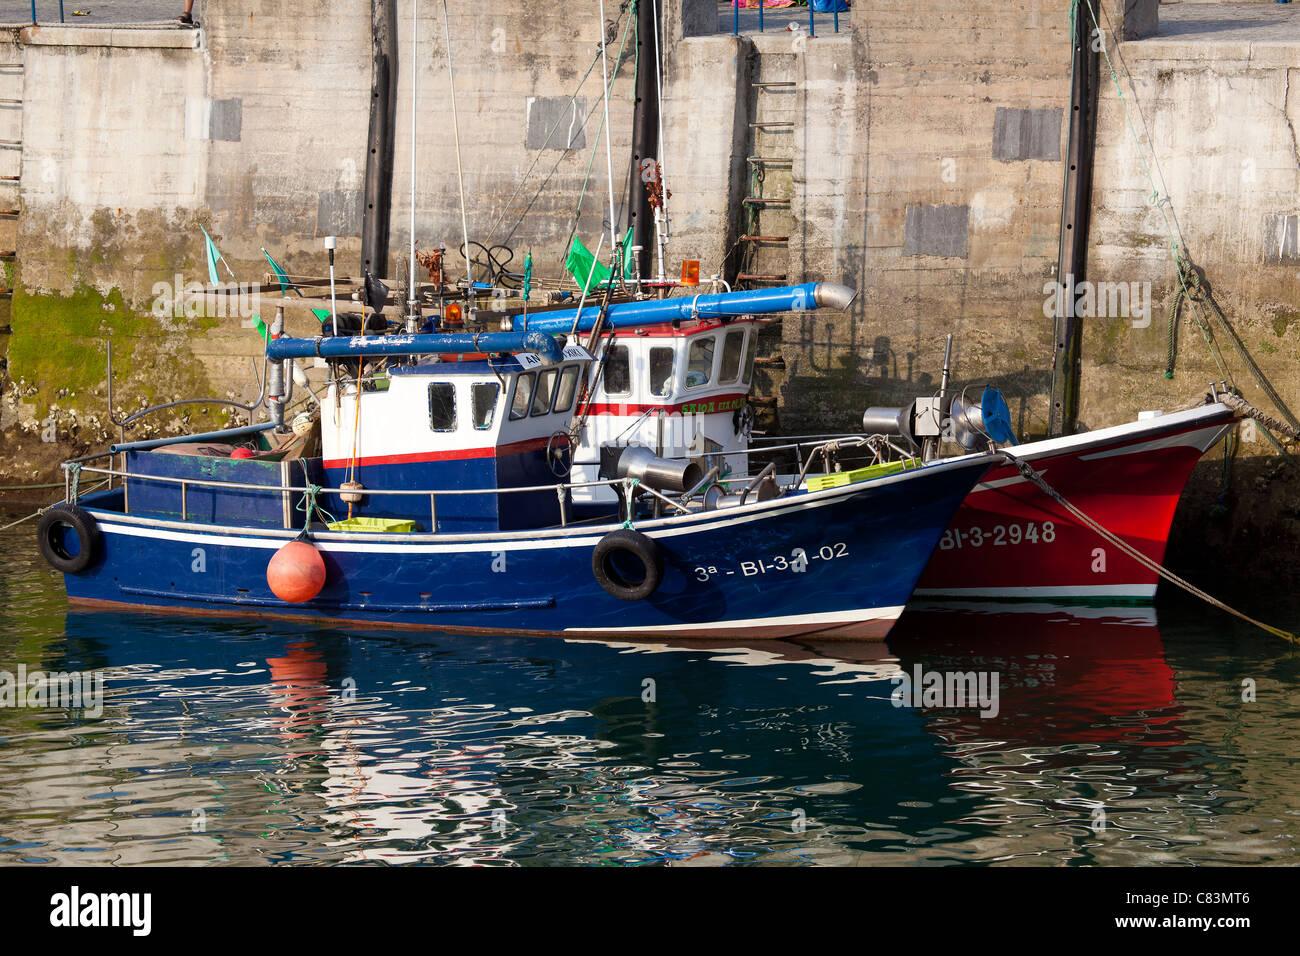 Port of Mundaka, Vizcaya, Spain - Stock Image